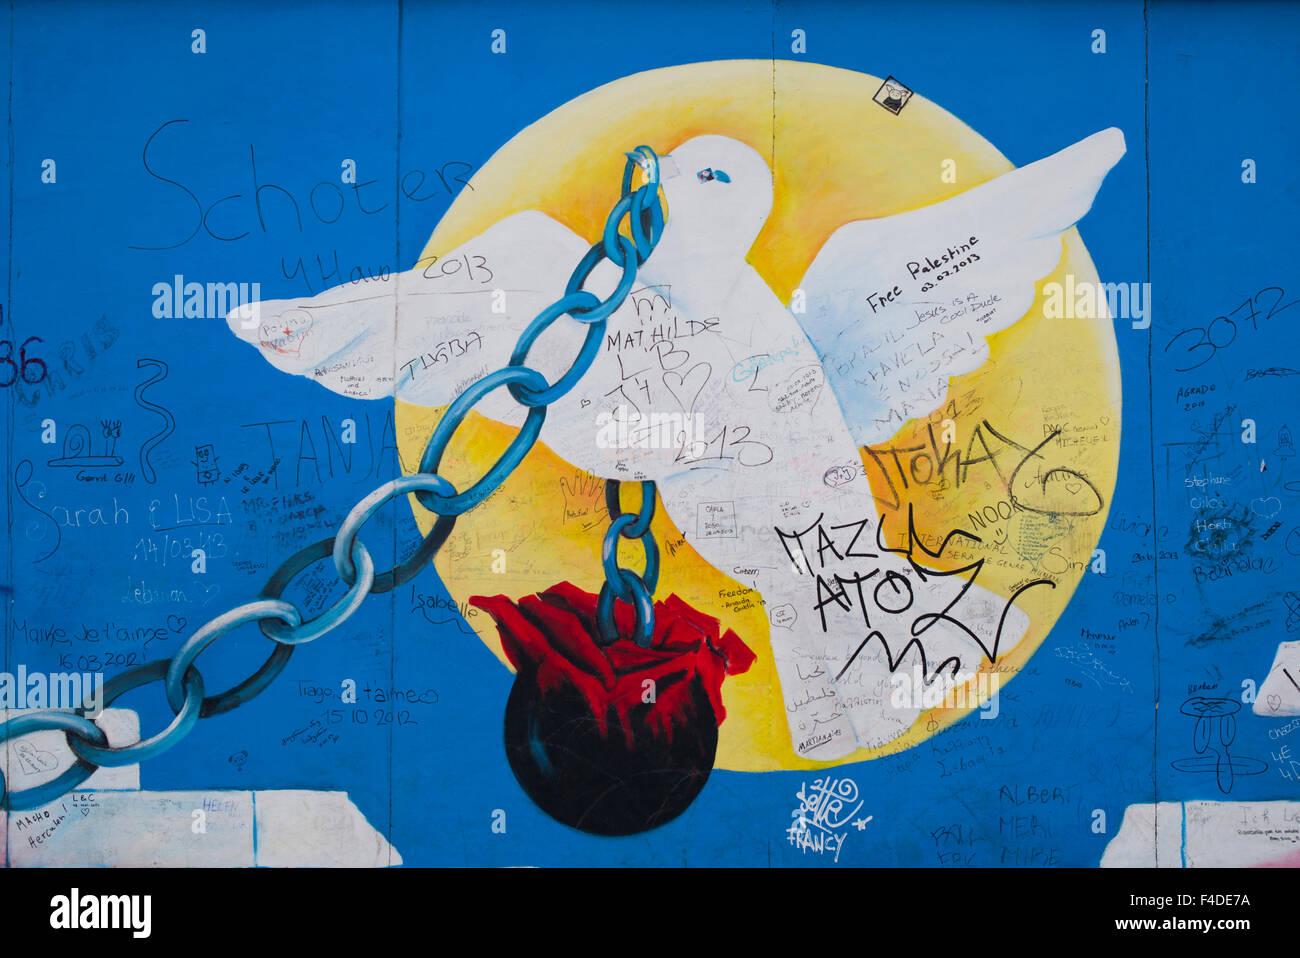 Alemania Berlín East Side Gallery Murales En El Muro De Berlín La Pintura De La Paloma De La Paz Uso Editorial Solamente Fotografía De Stock Alamy